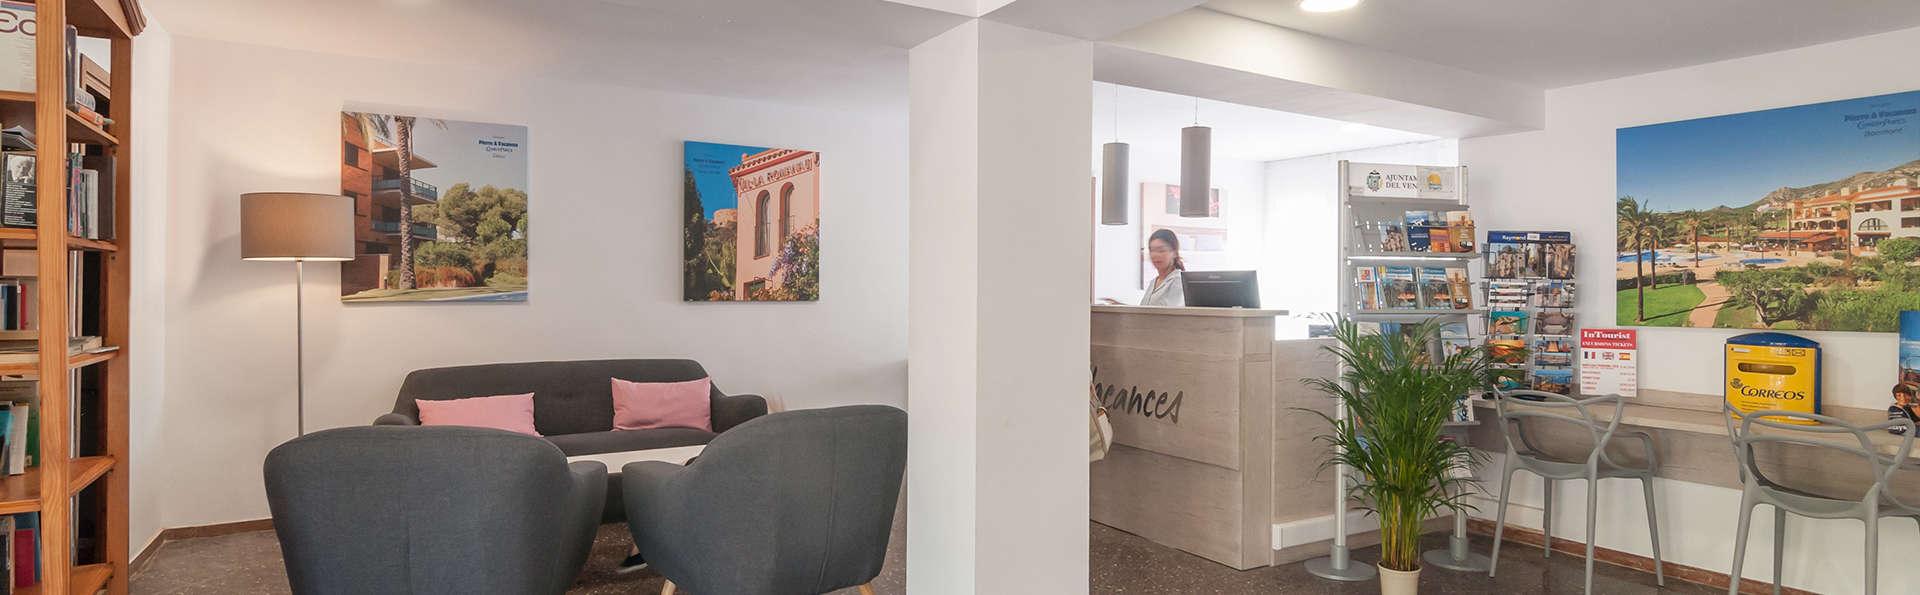 Pierre & Vacances Comarruga - Edit_Reception.jpg